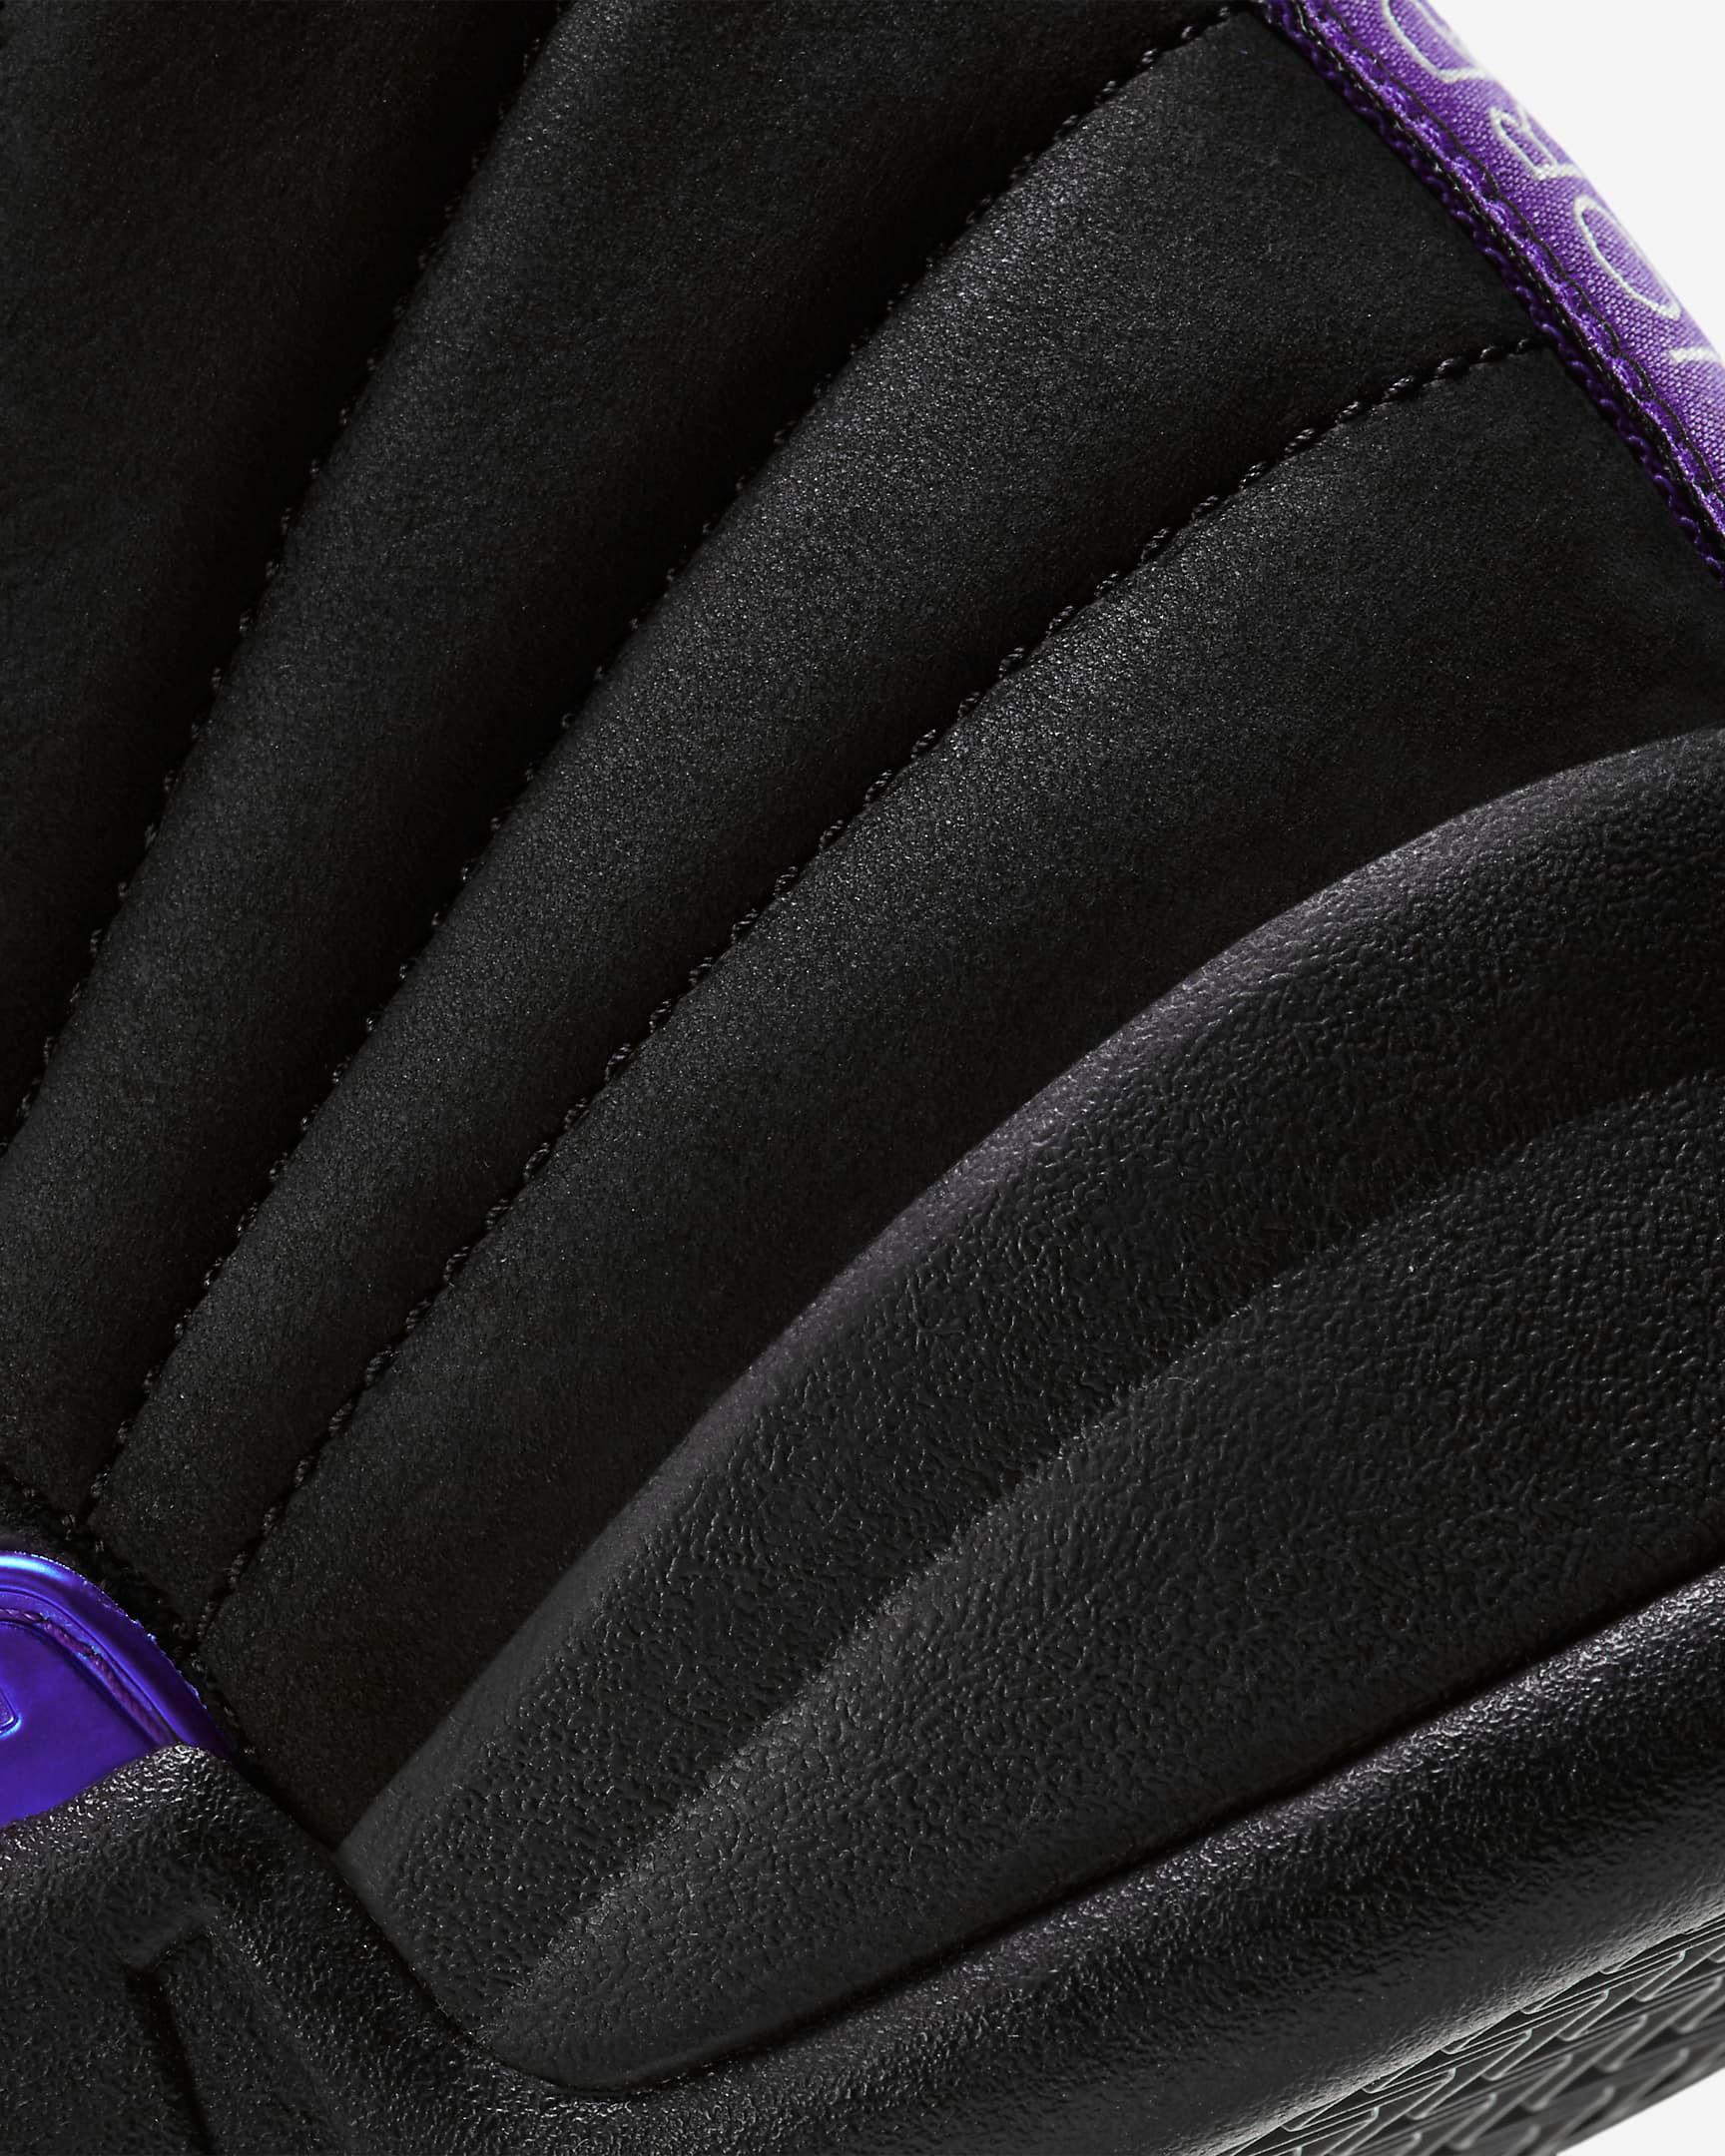 air-jordan-12-dark-concord-release-date-price-8